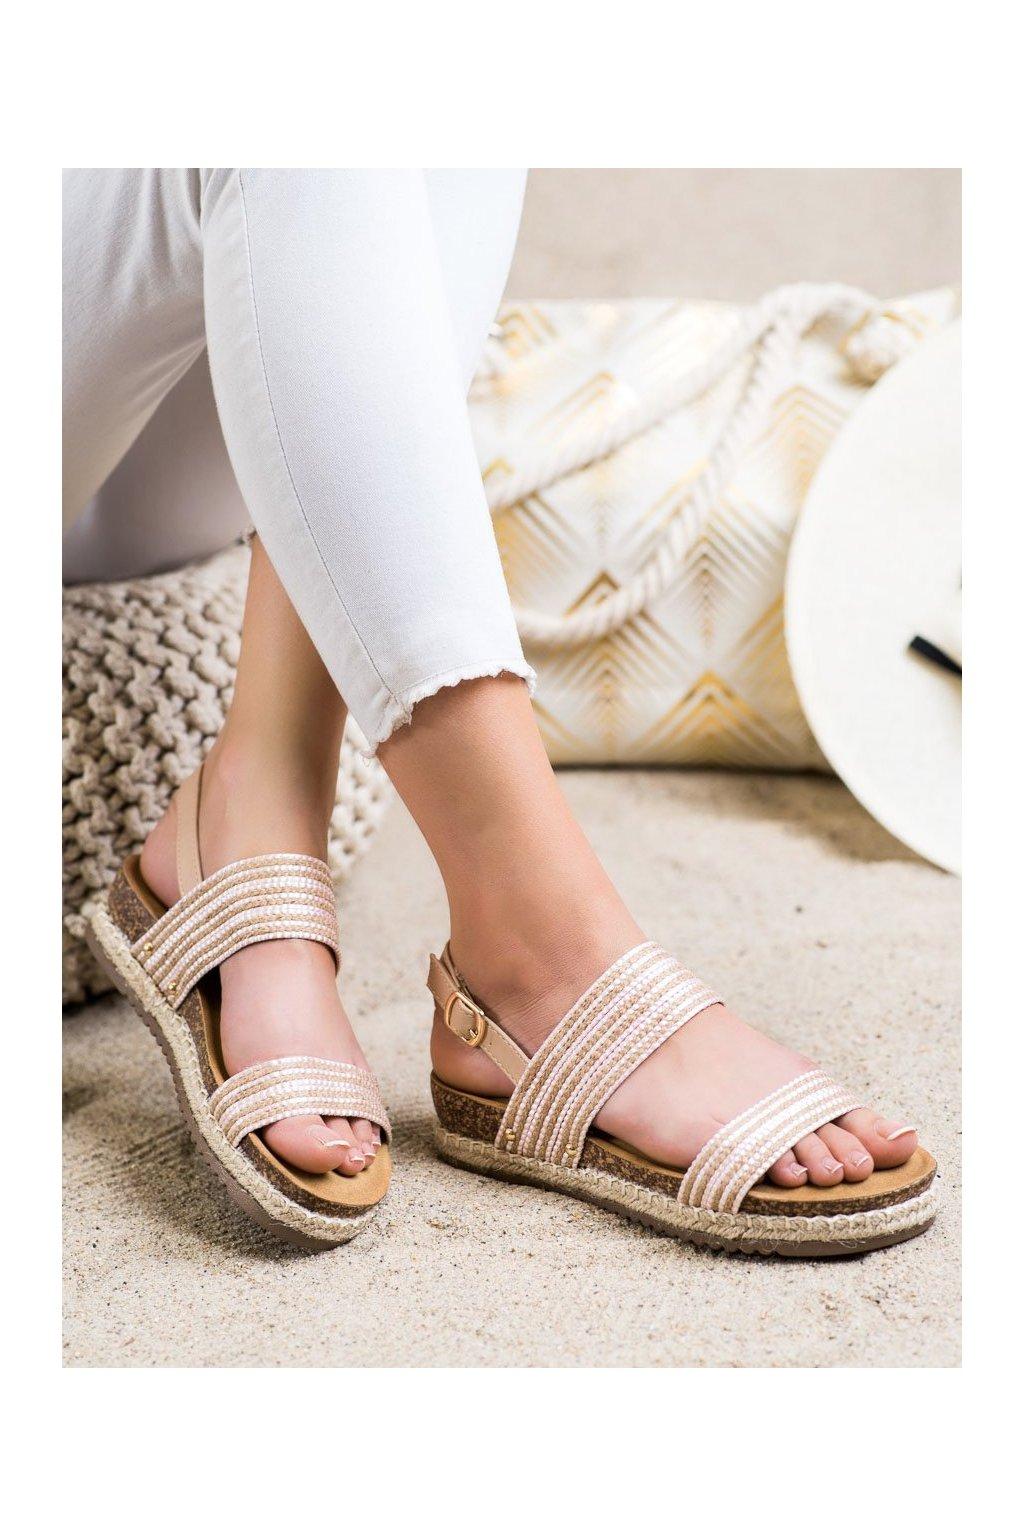 Ružové dámske sandále Shelovet kod FD-50P